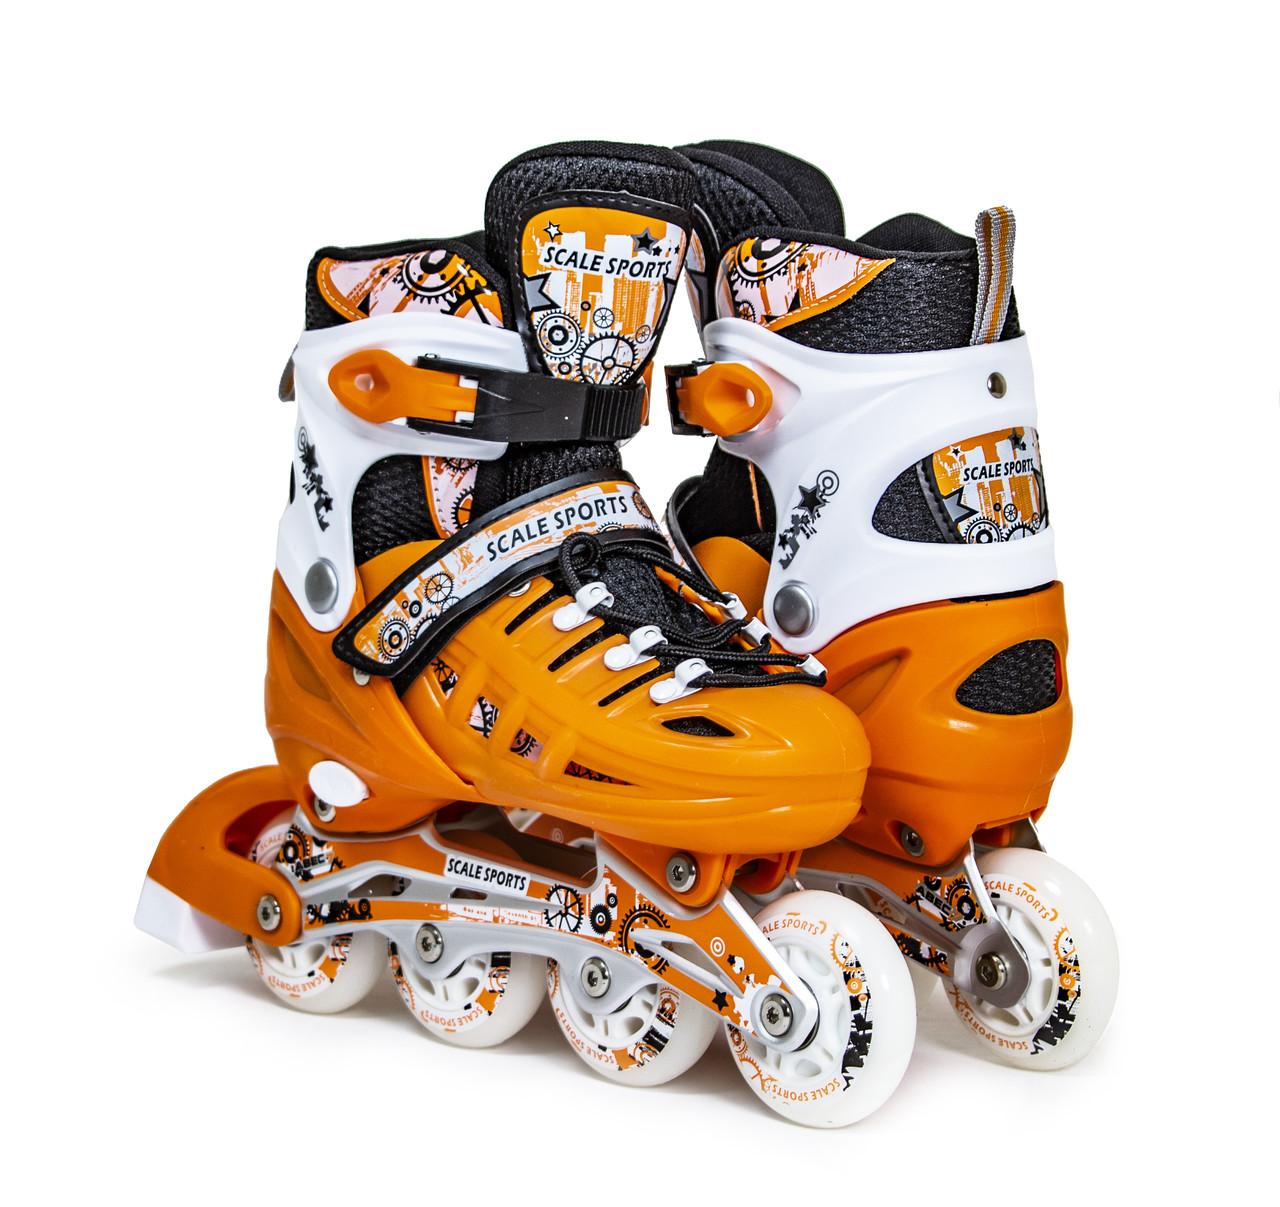 Ролики, роликовые коньки Scale Sports. Orange LF 905, размер 38-41.